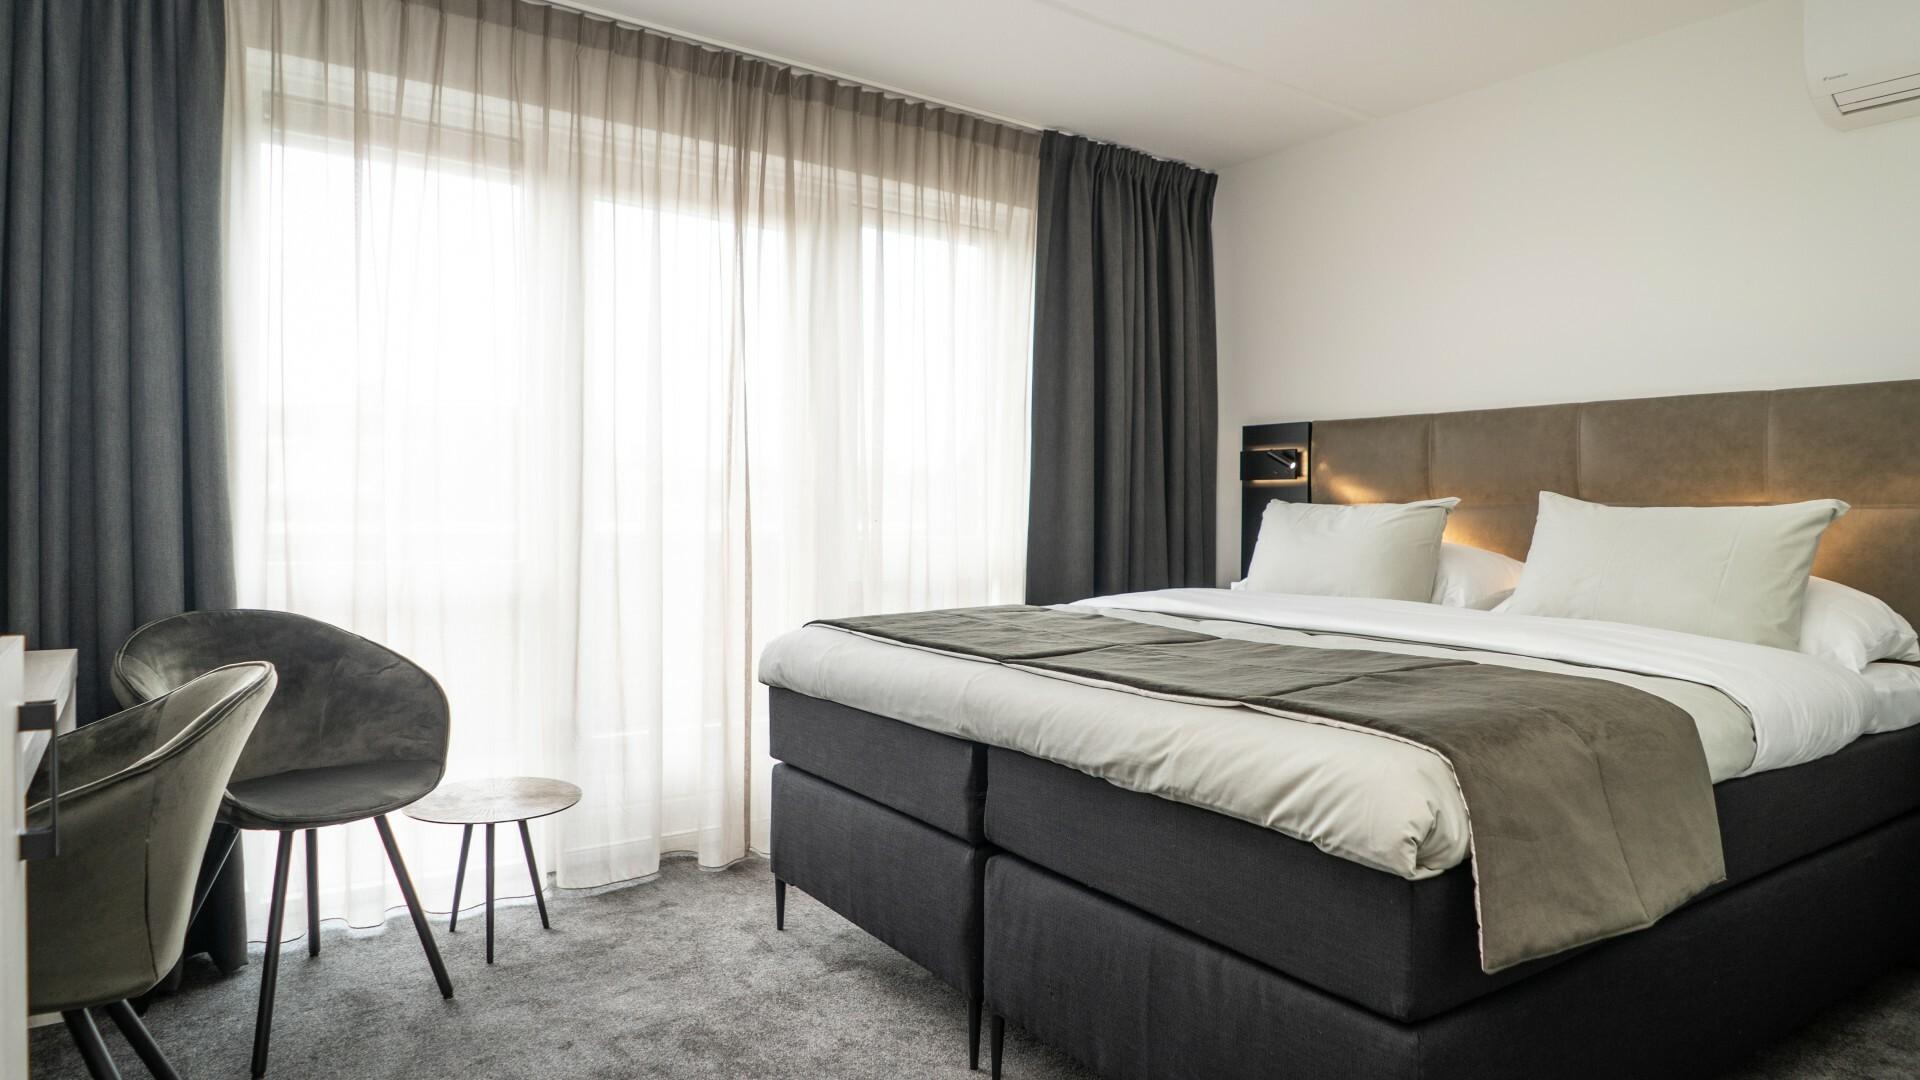 Hotel Kogerstaete kamer Deluxe plus VVV Texel